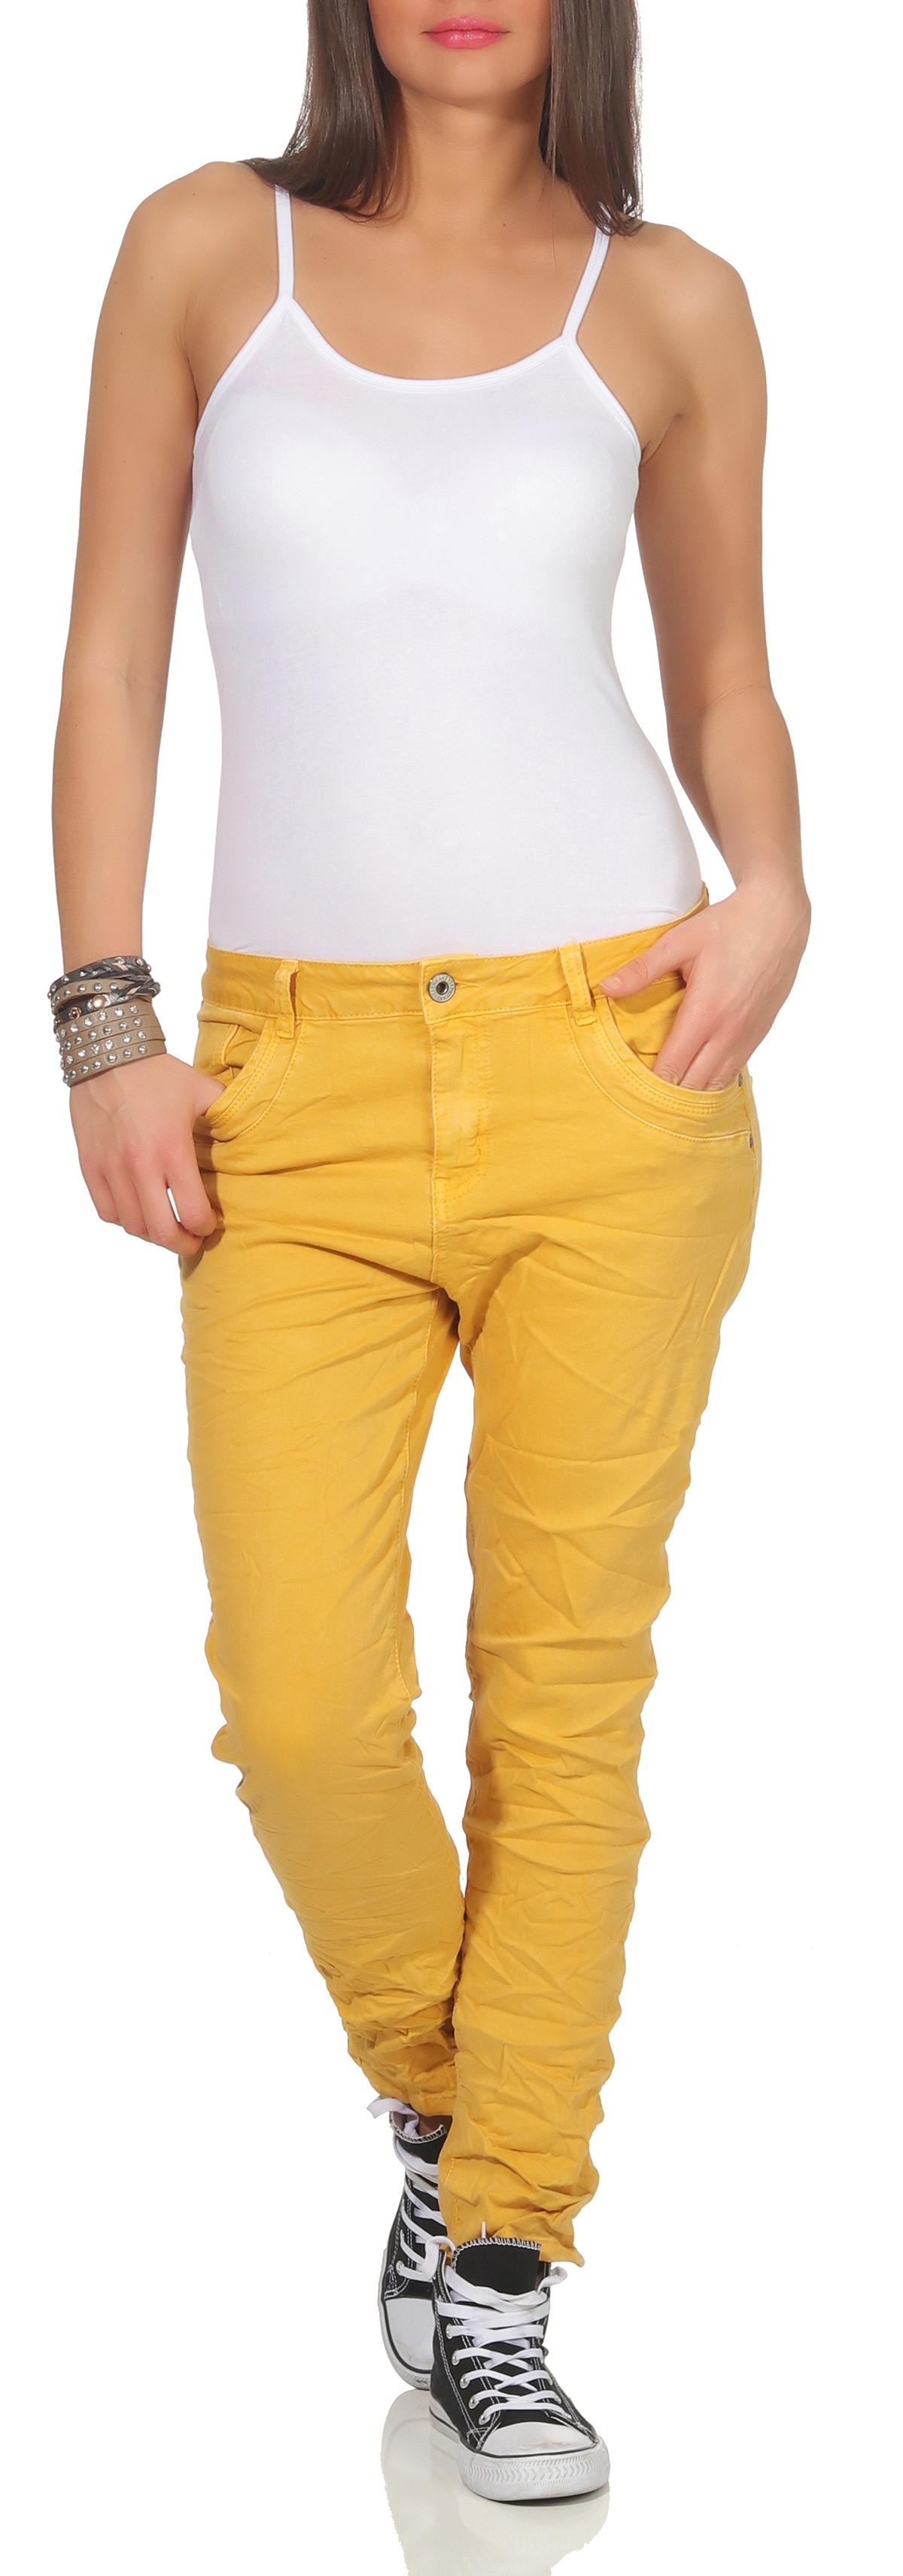 a4a54583e1475f Karostar Damen Jeans Hüfthose Baggy Pants Chino lange Hose Denim Boyfriend  67 Damenmode